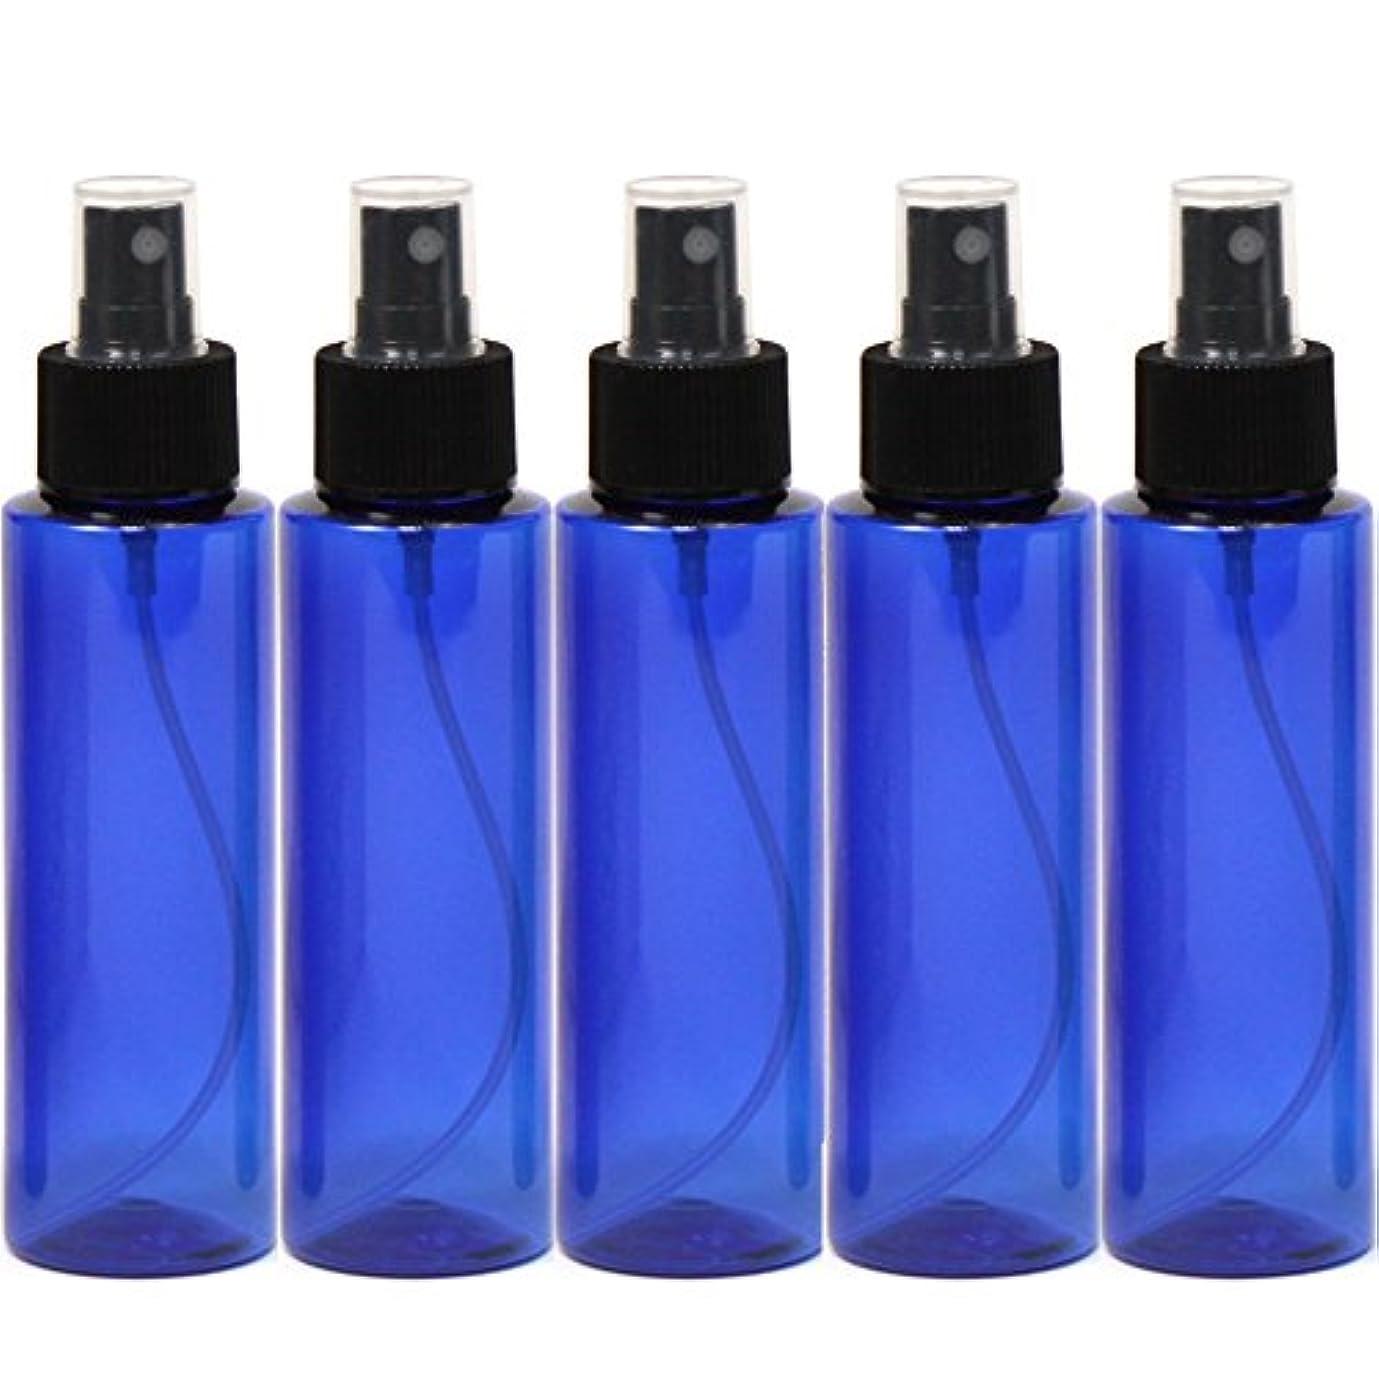 ビリープロトタイプ師匠スプレーボトル100mLブルー黒ヘッド5本ストレートペットボトル遮光性青色おしゃれ容器bu100sbk5